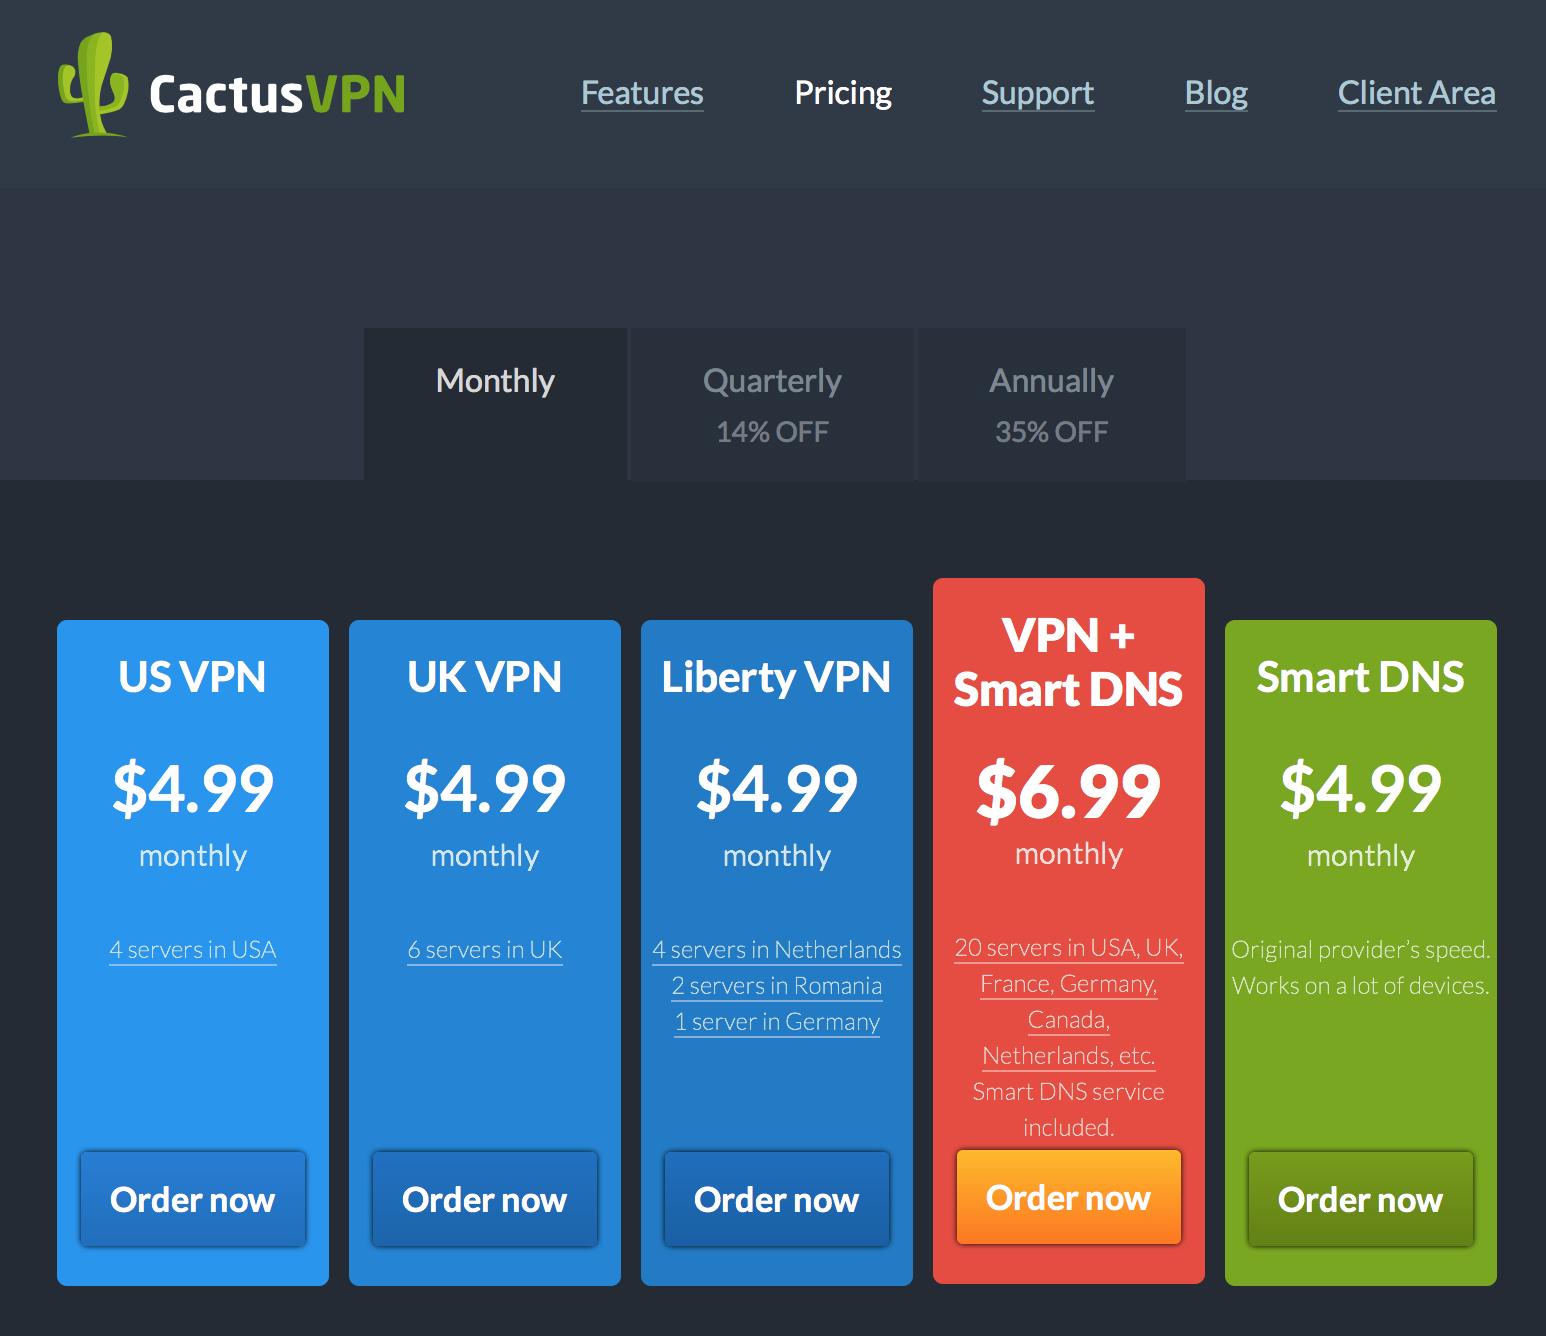 CactusVPN service options